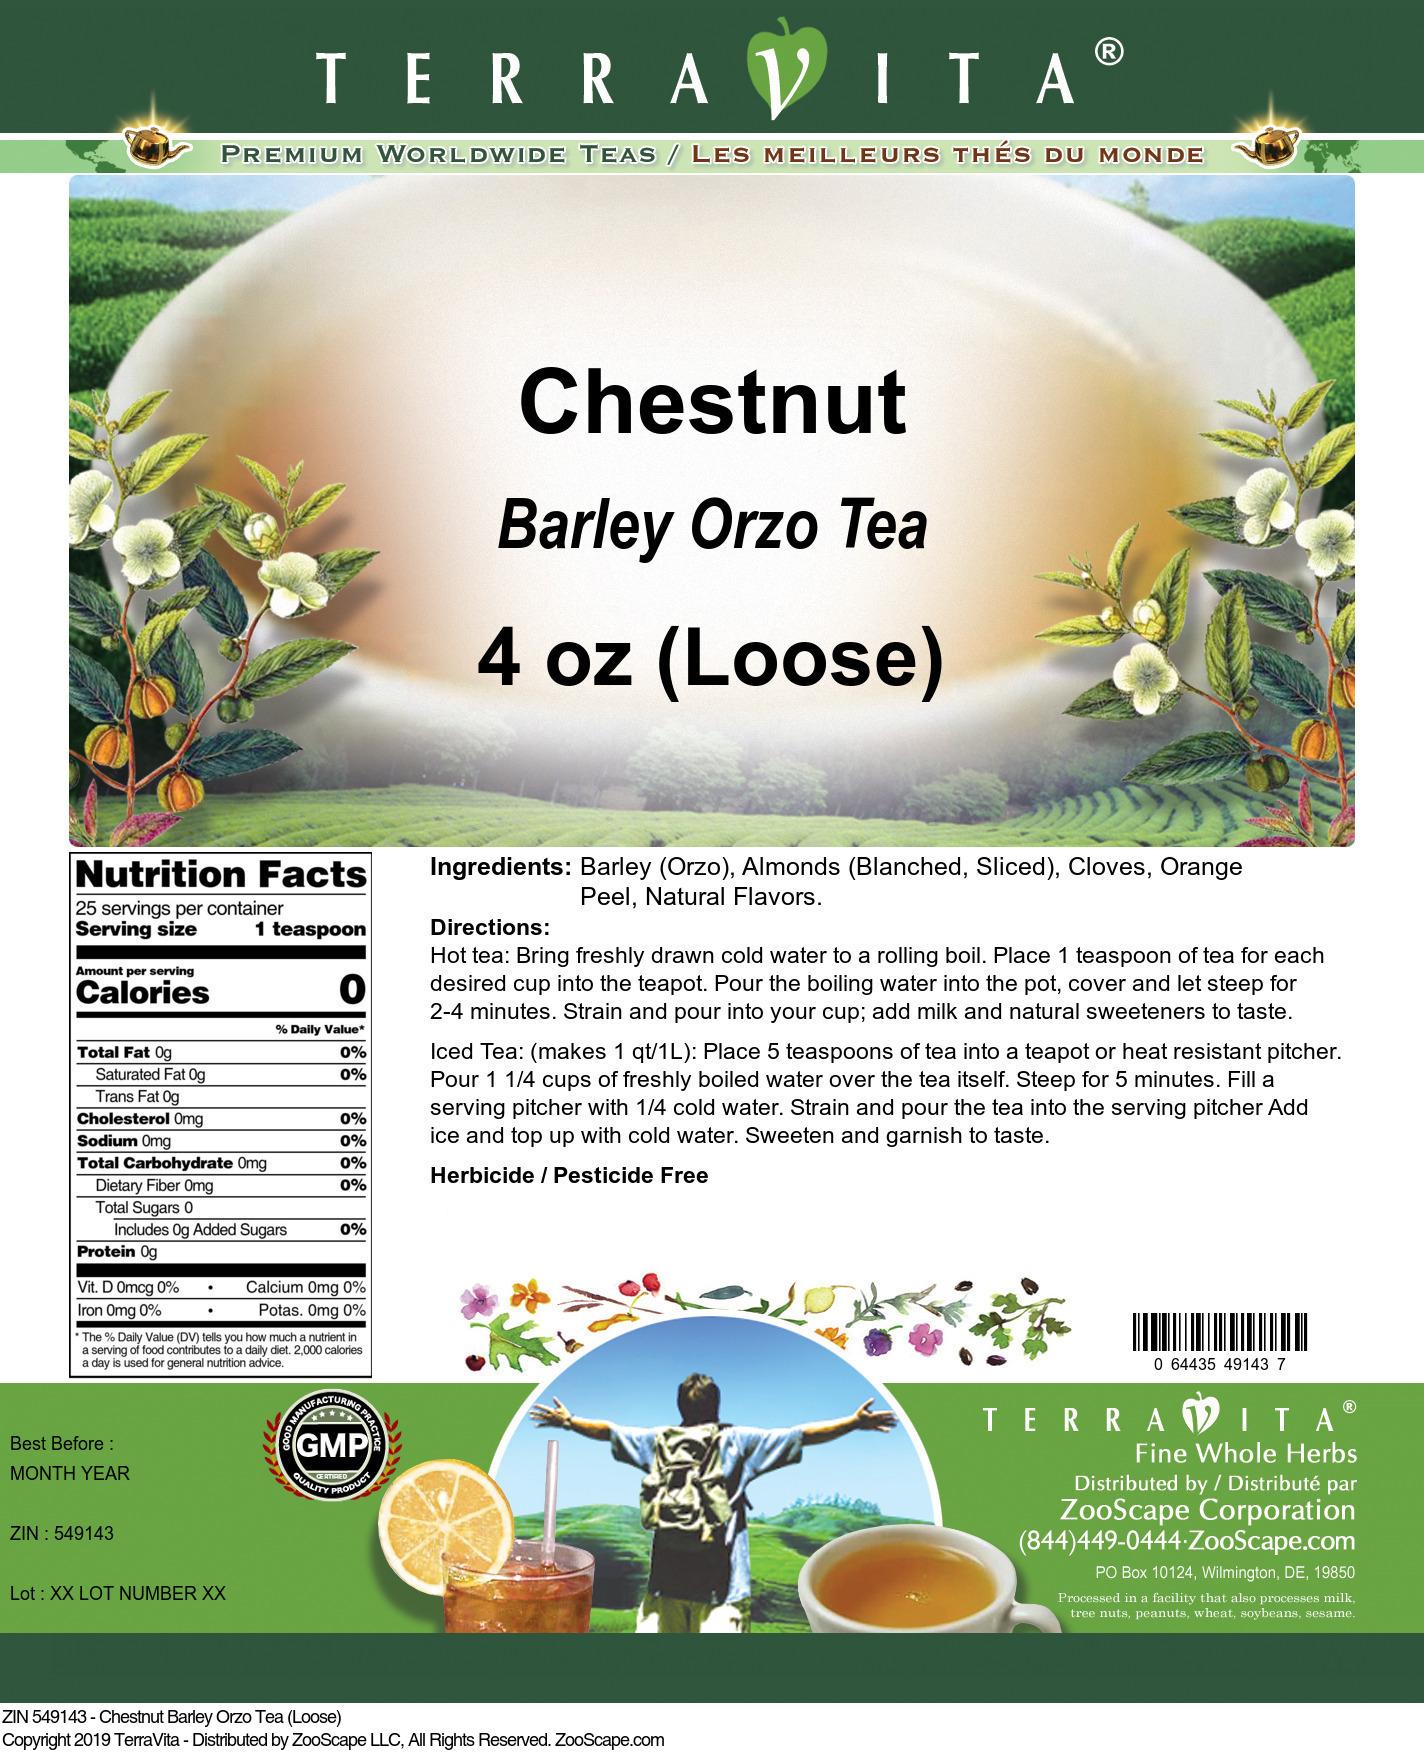 Chestnut Barley Orzo